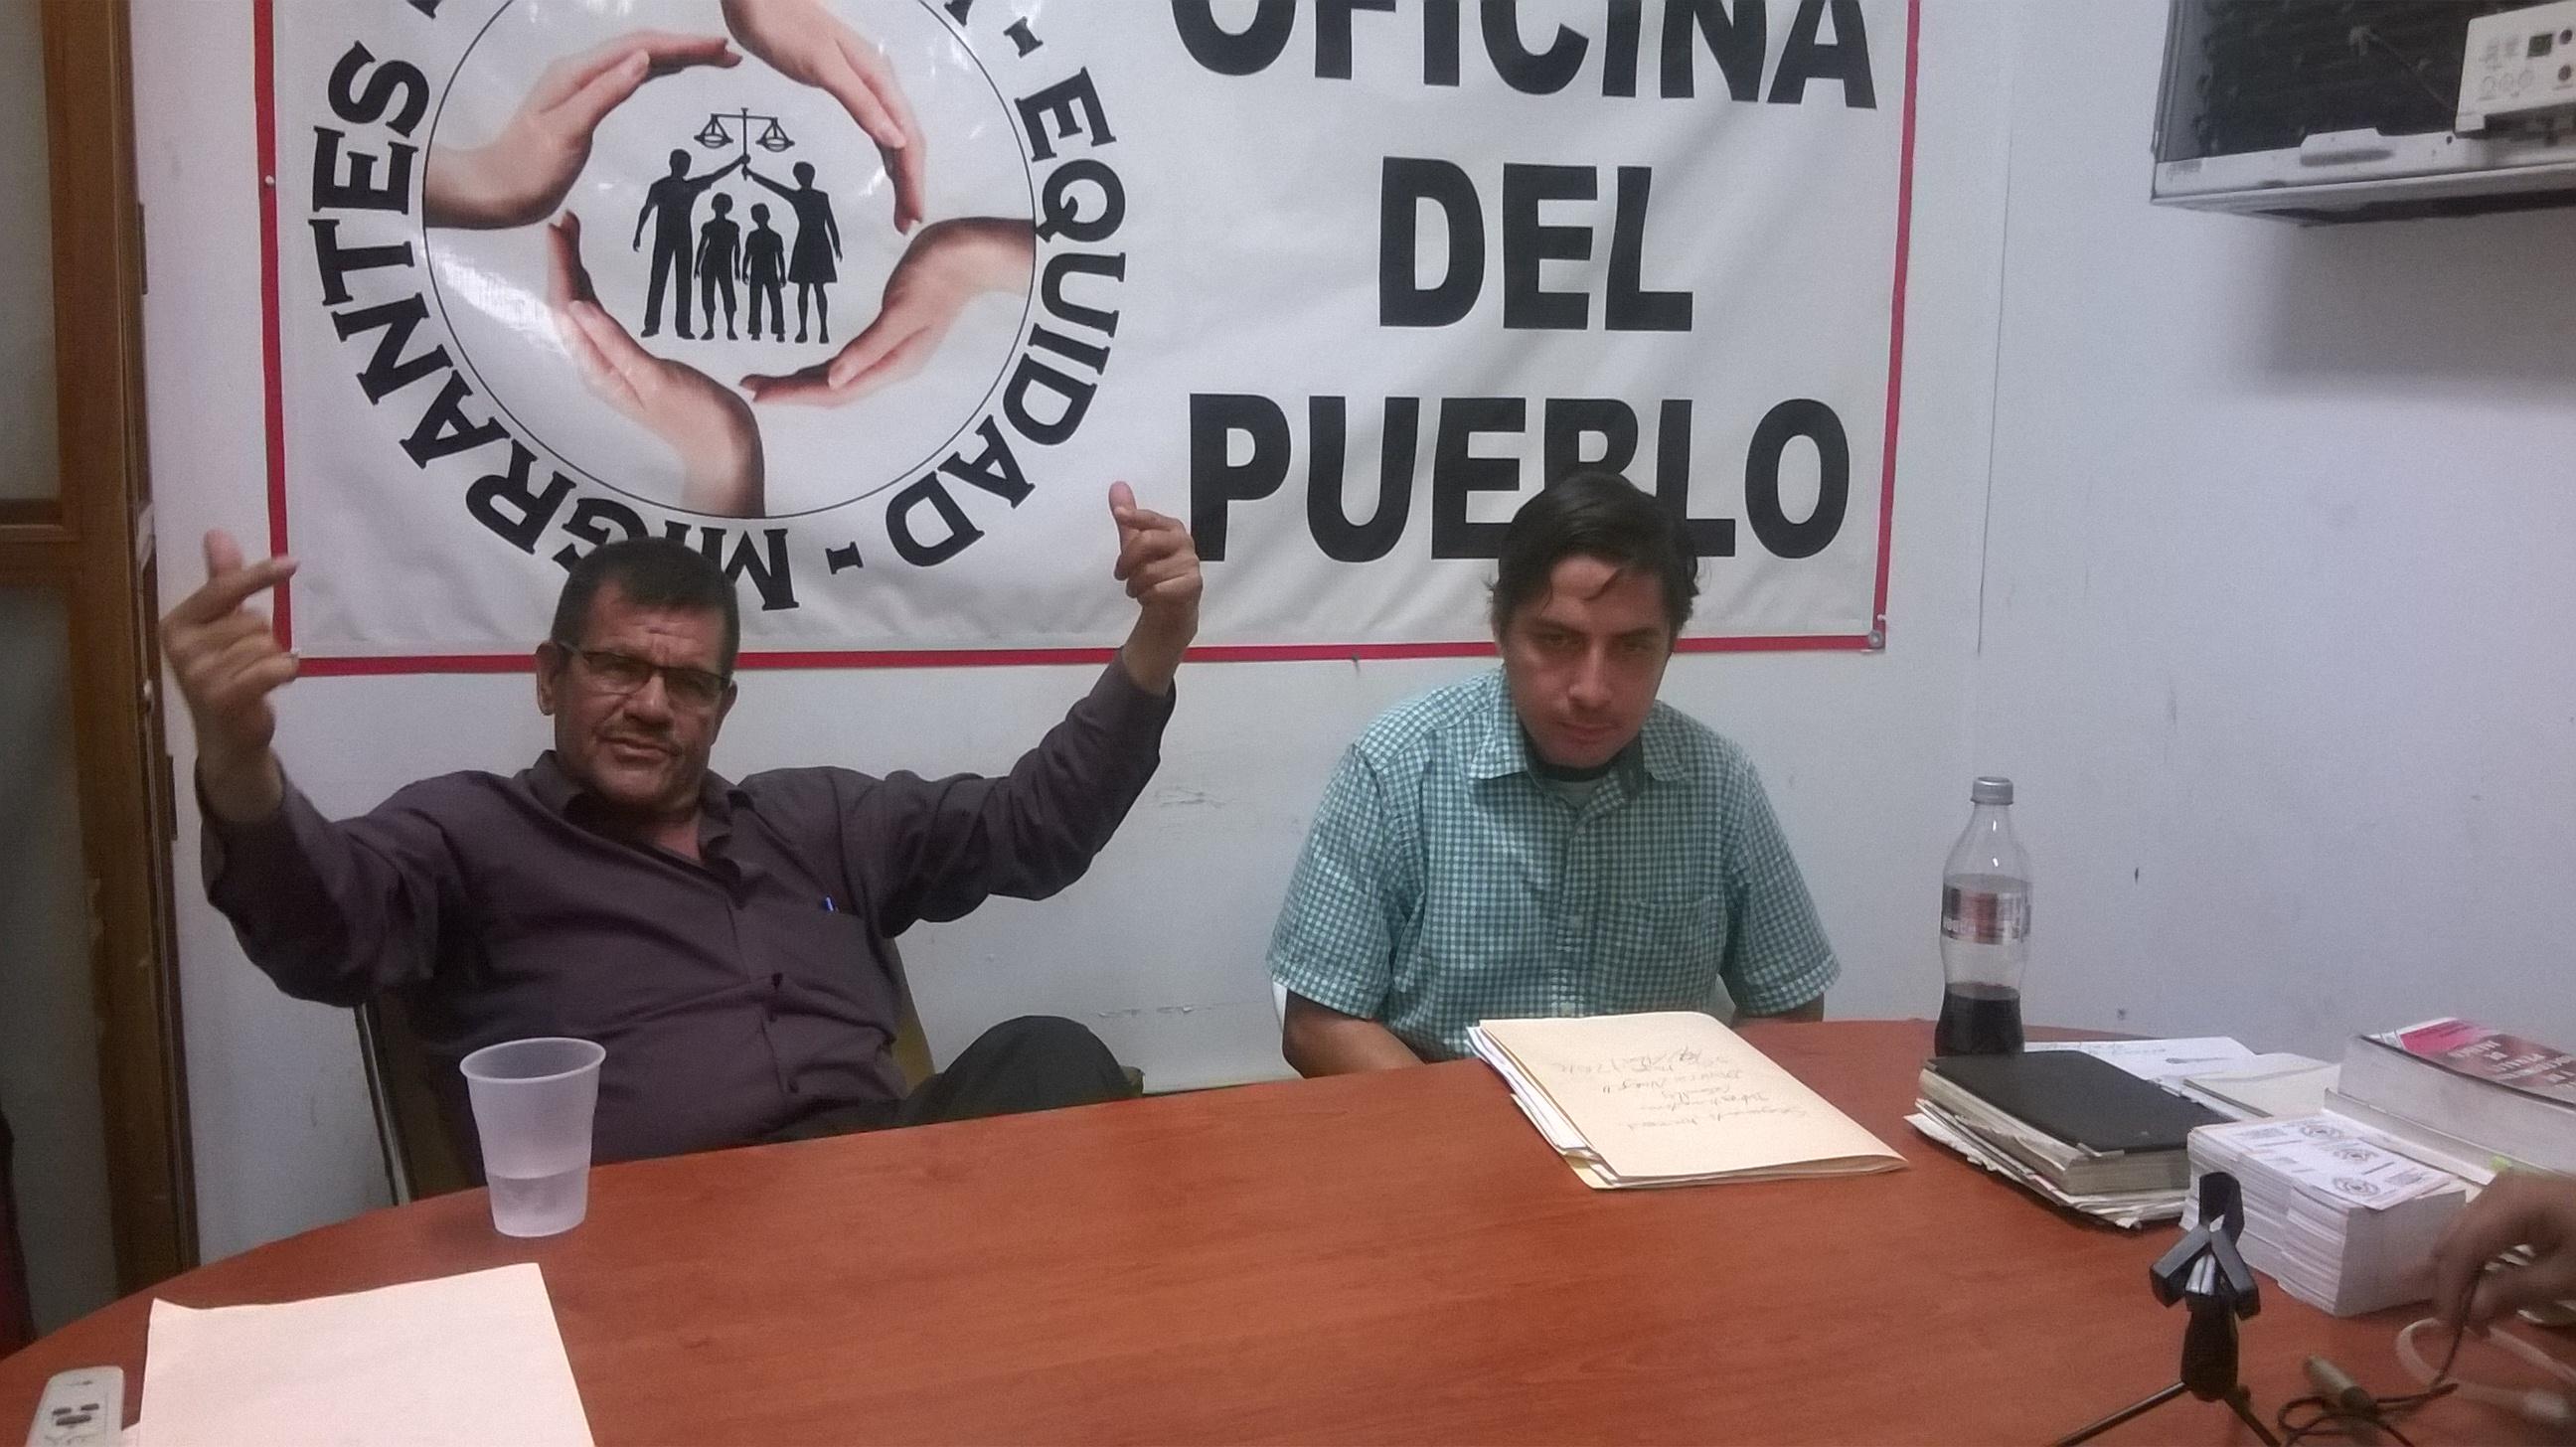 Oficina del Pueblo hace llamado para anular el voto estas elecciones. Fotografía: Gabriela Sánchez